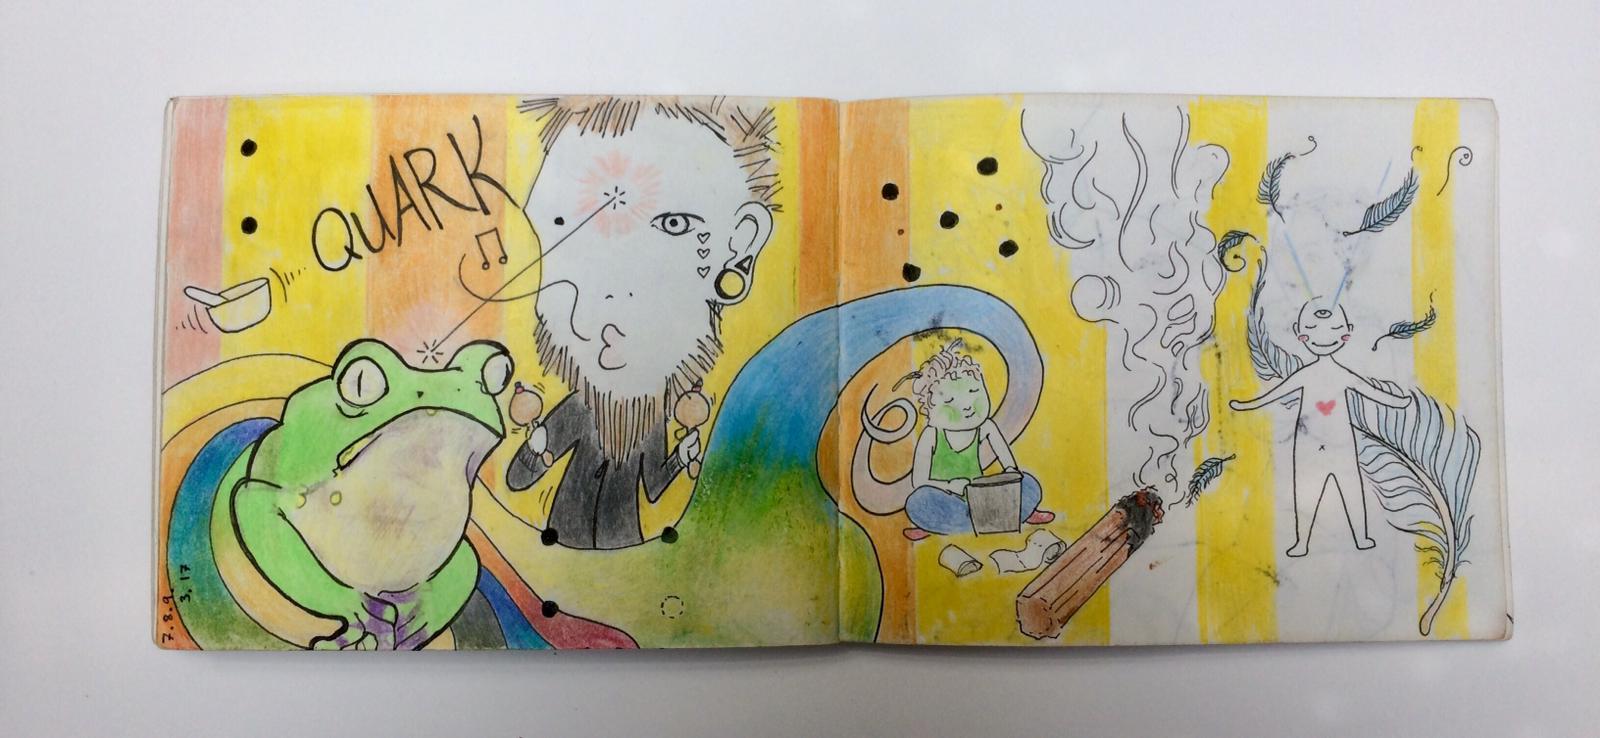 werkstatt-eden-lis-werner-illustration-skizzenbuch17